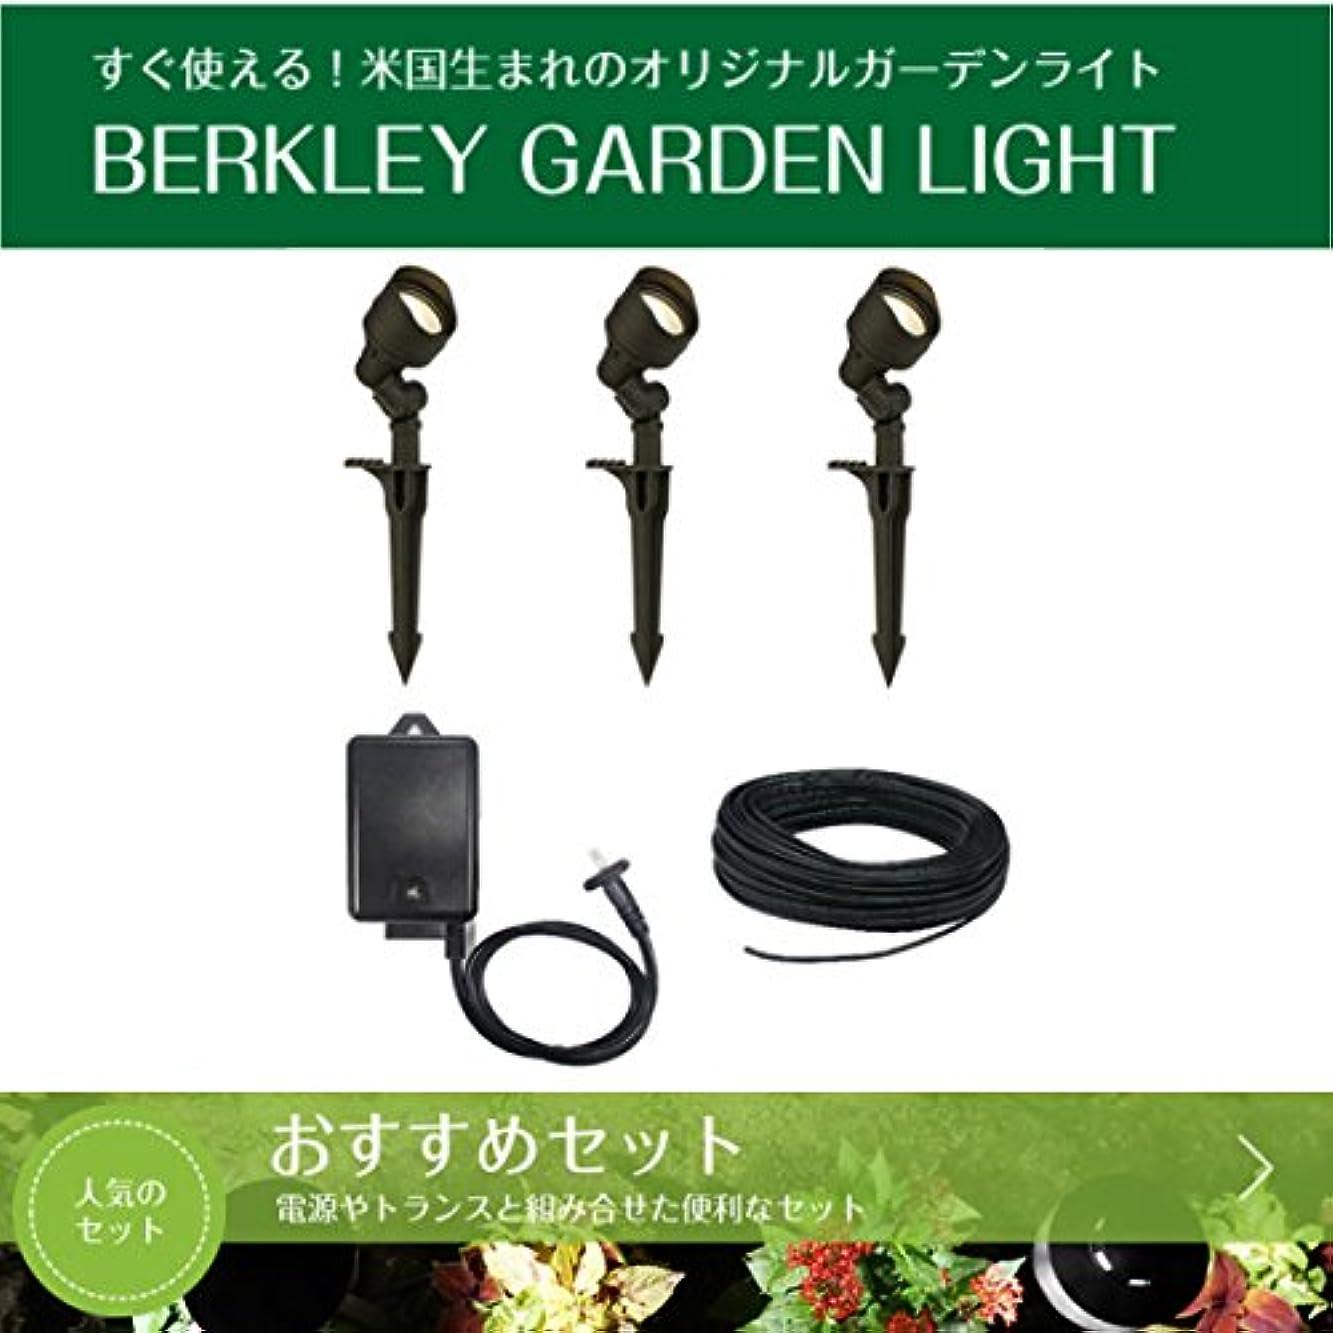 平和な石膏買収BERKLEY バークレー LEDガーデンライト A-2 セット